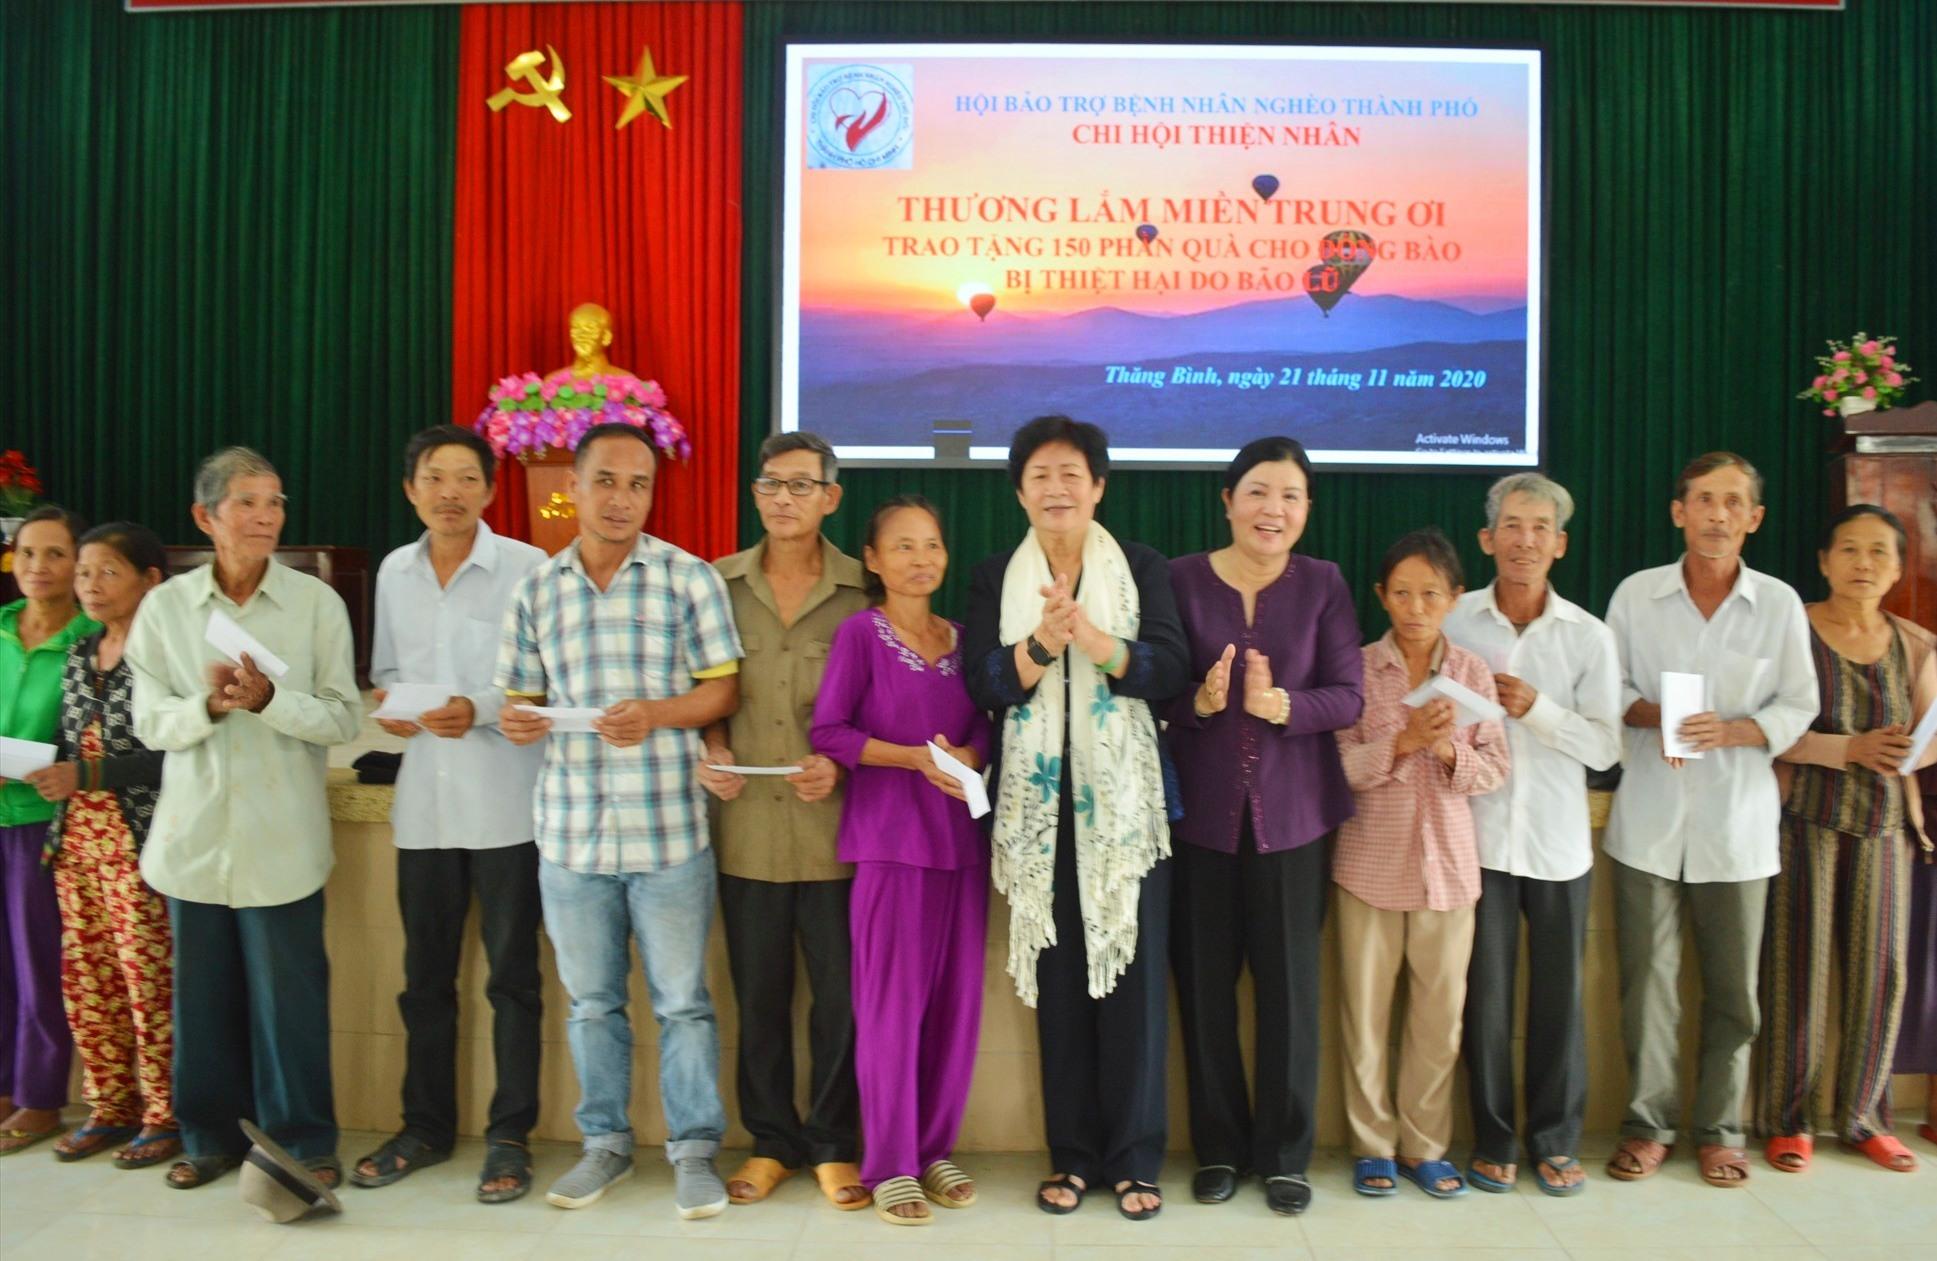 Đoàn từ thiện đã tiến hành trao 230 suất quà và tiền mặt cho người dân Thăng Bình và Duy Xuyên trị giá gần 500 triệu đồng